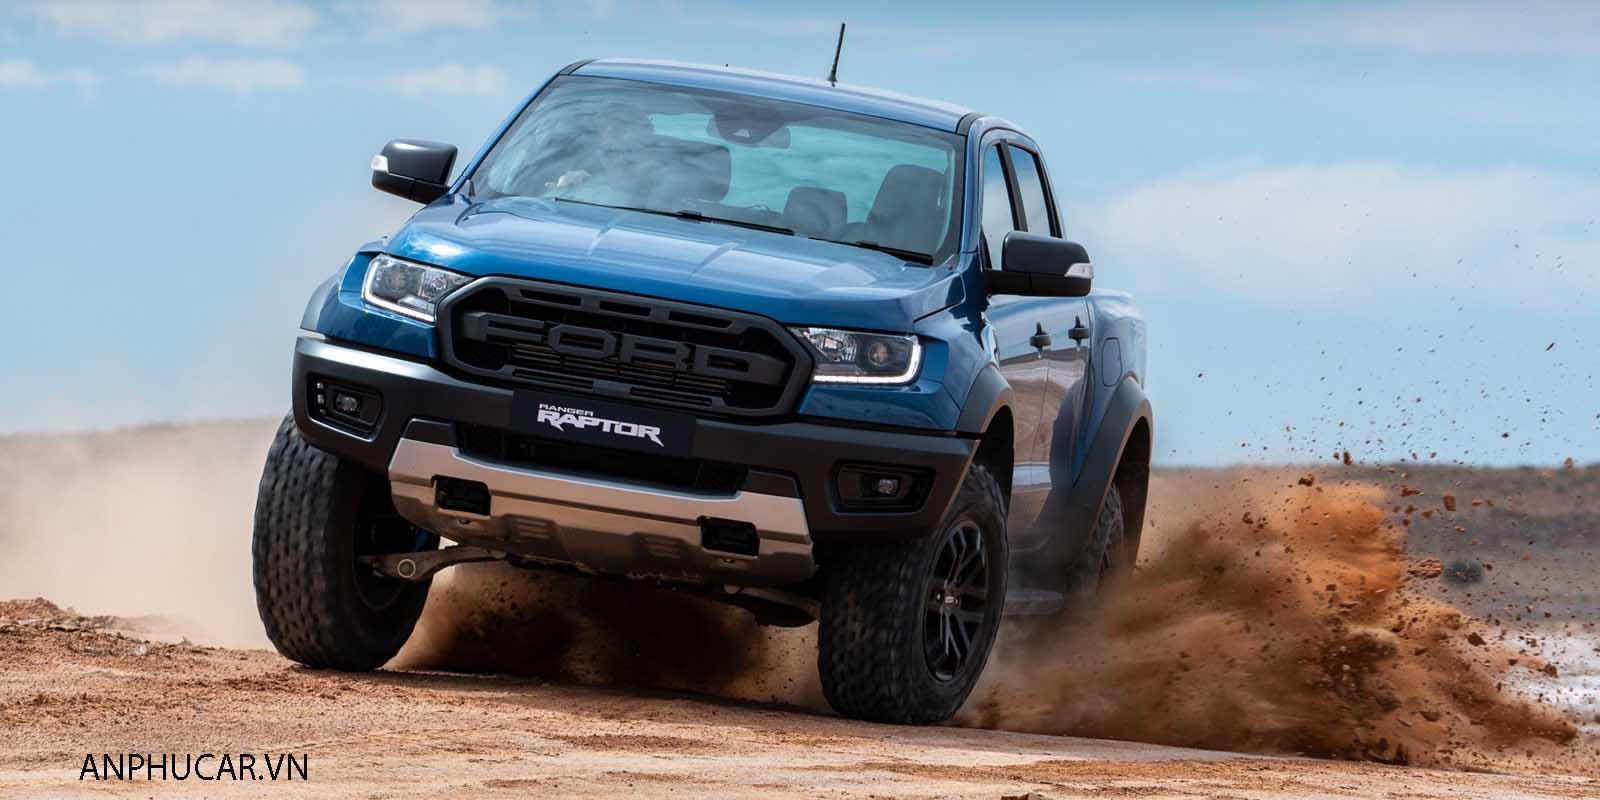 Sức mạnh Ford Ranger Raptor 2020